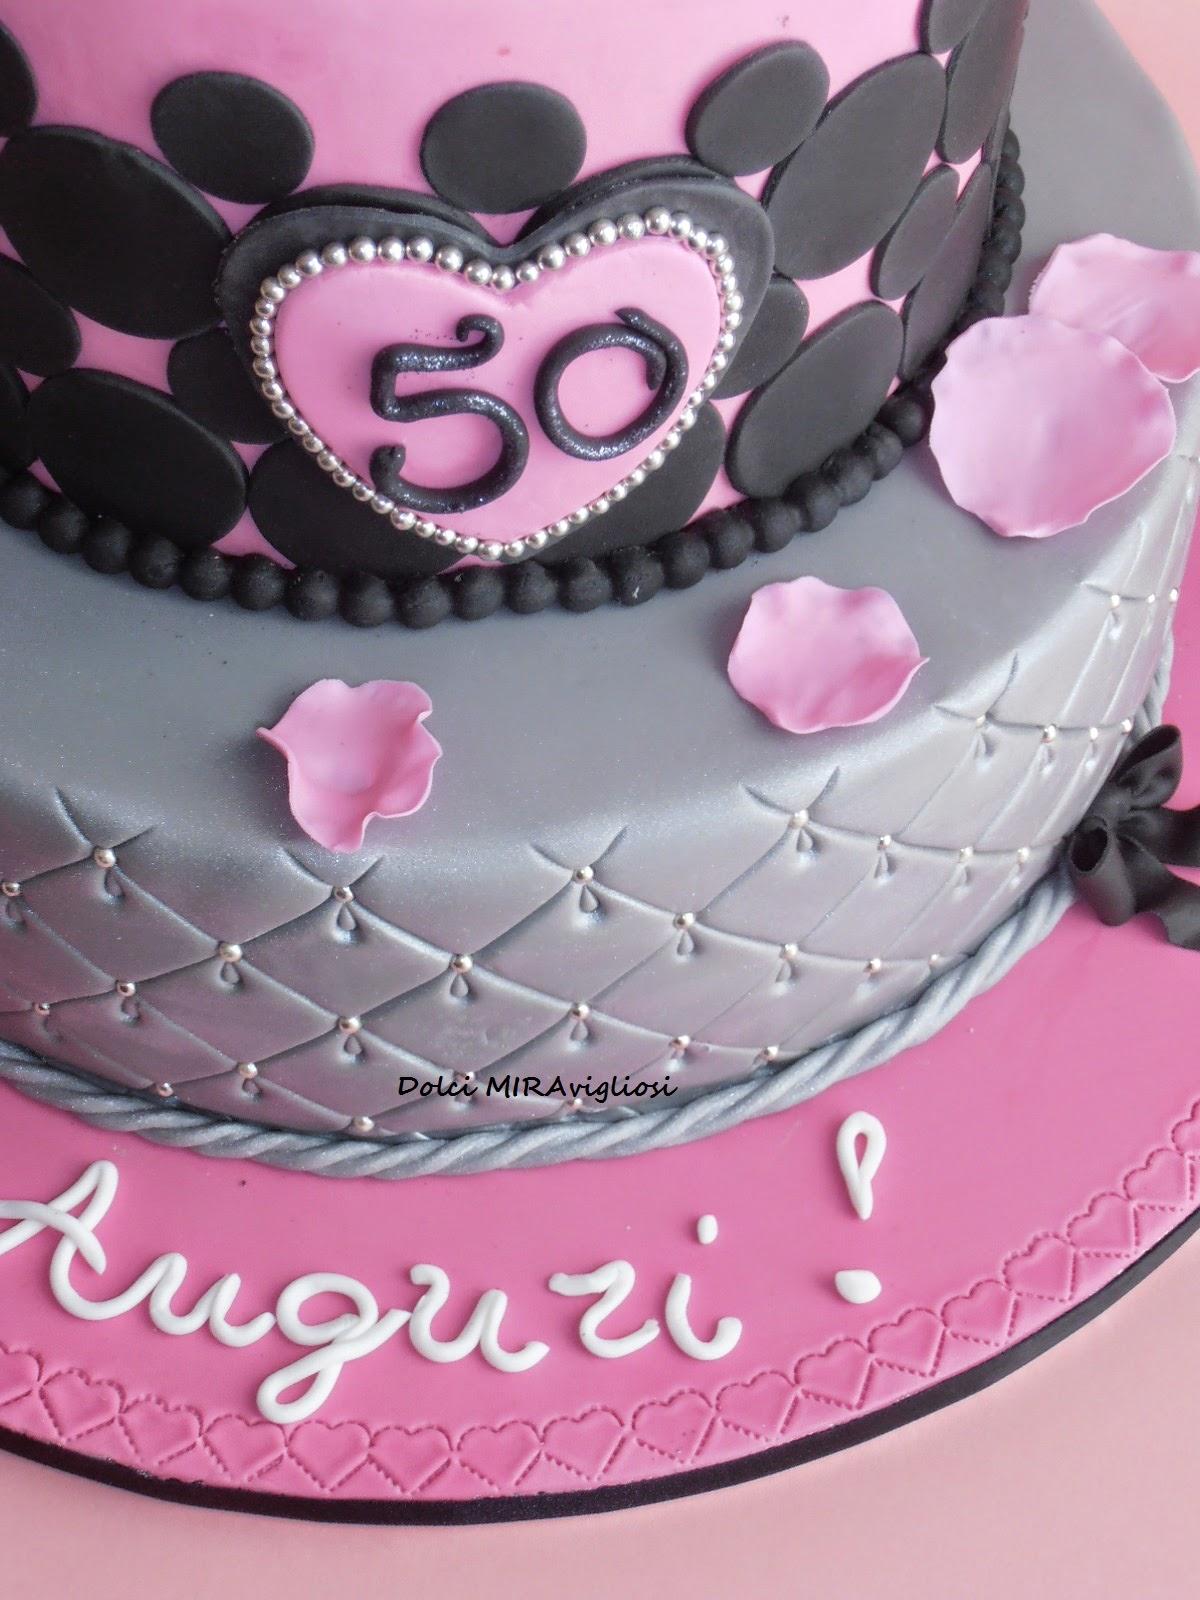 Dolci miravigliosi torta elegante per i 50 anni for Cucinare per 50